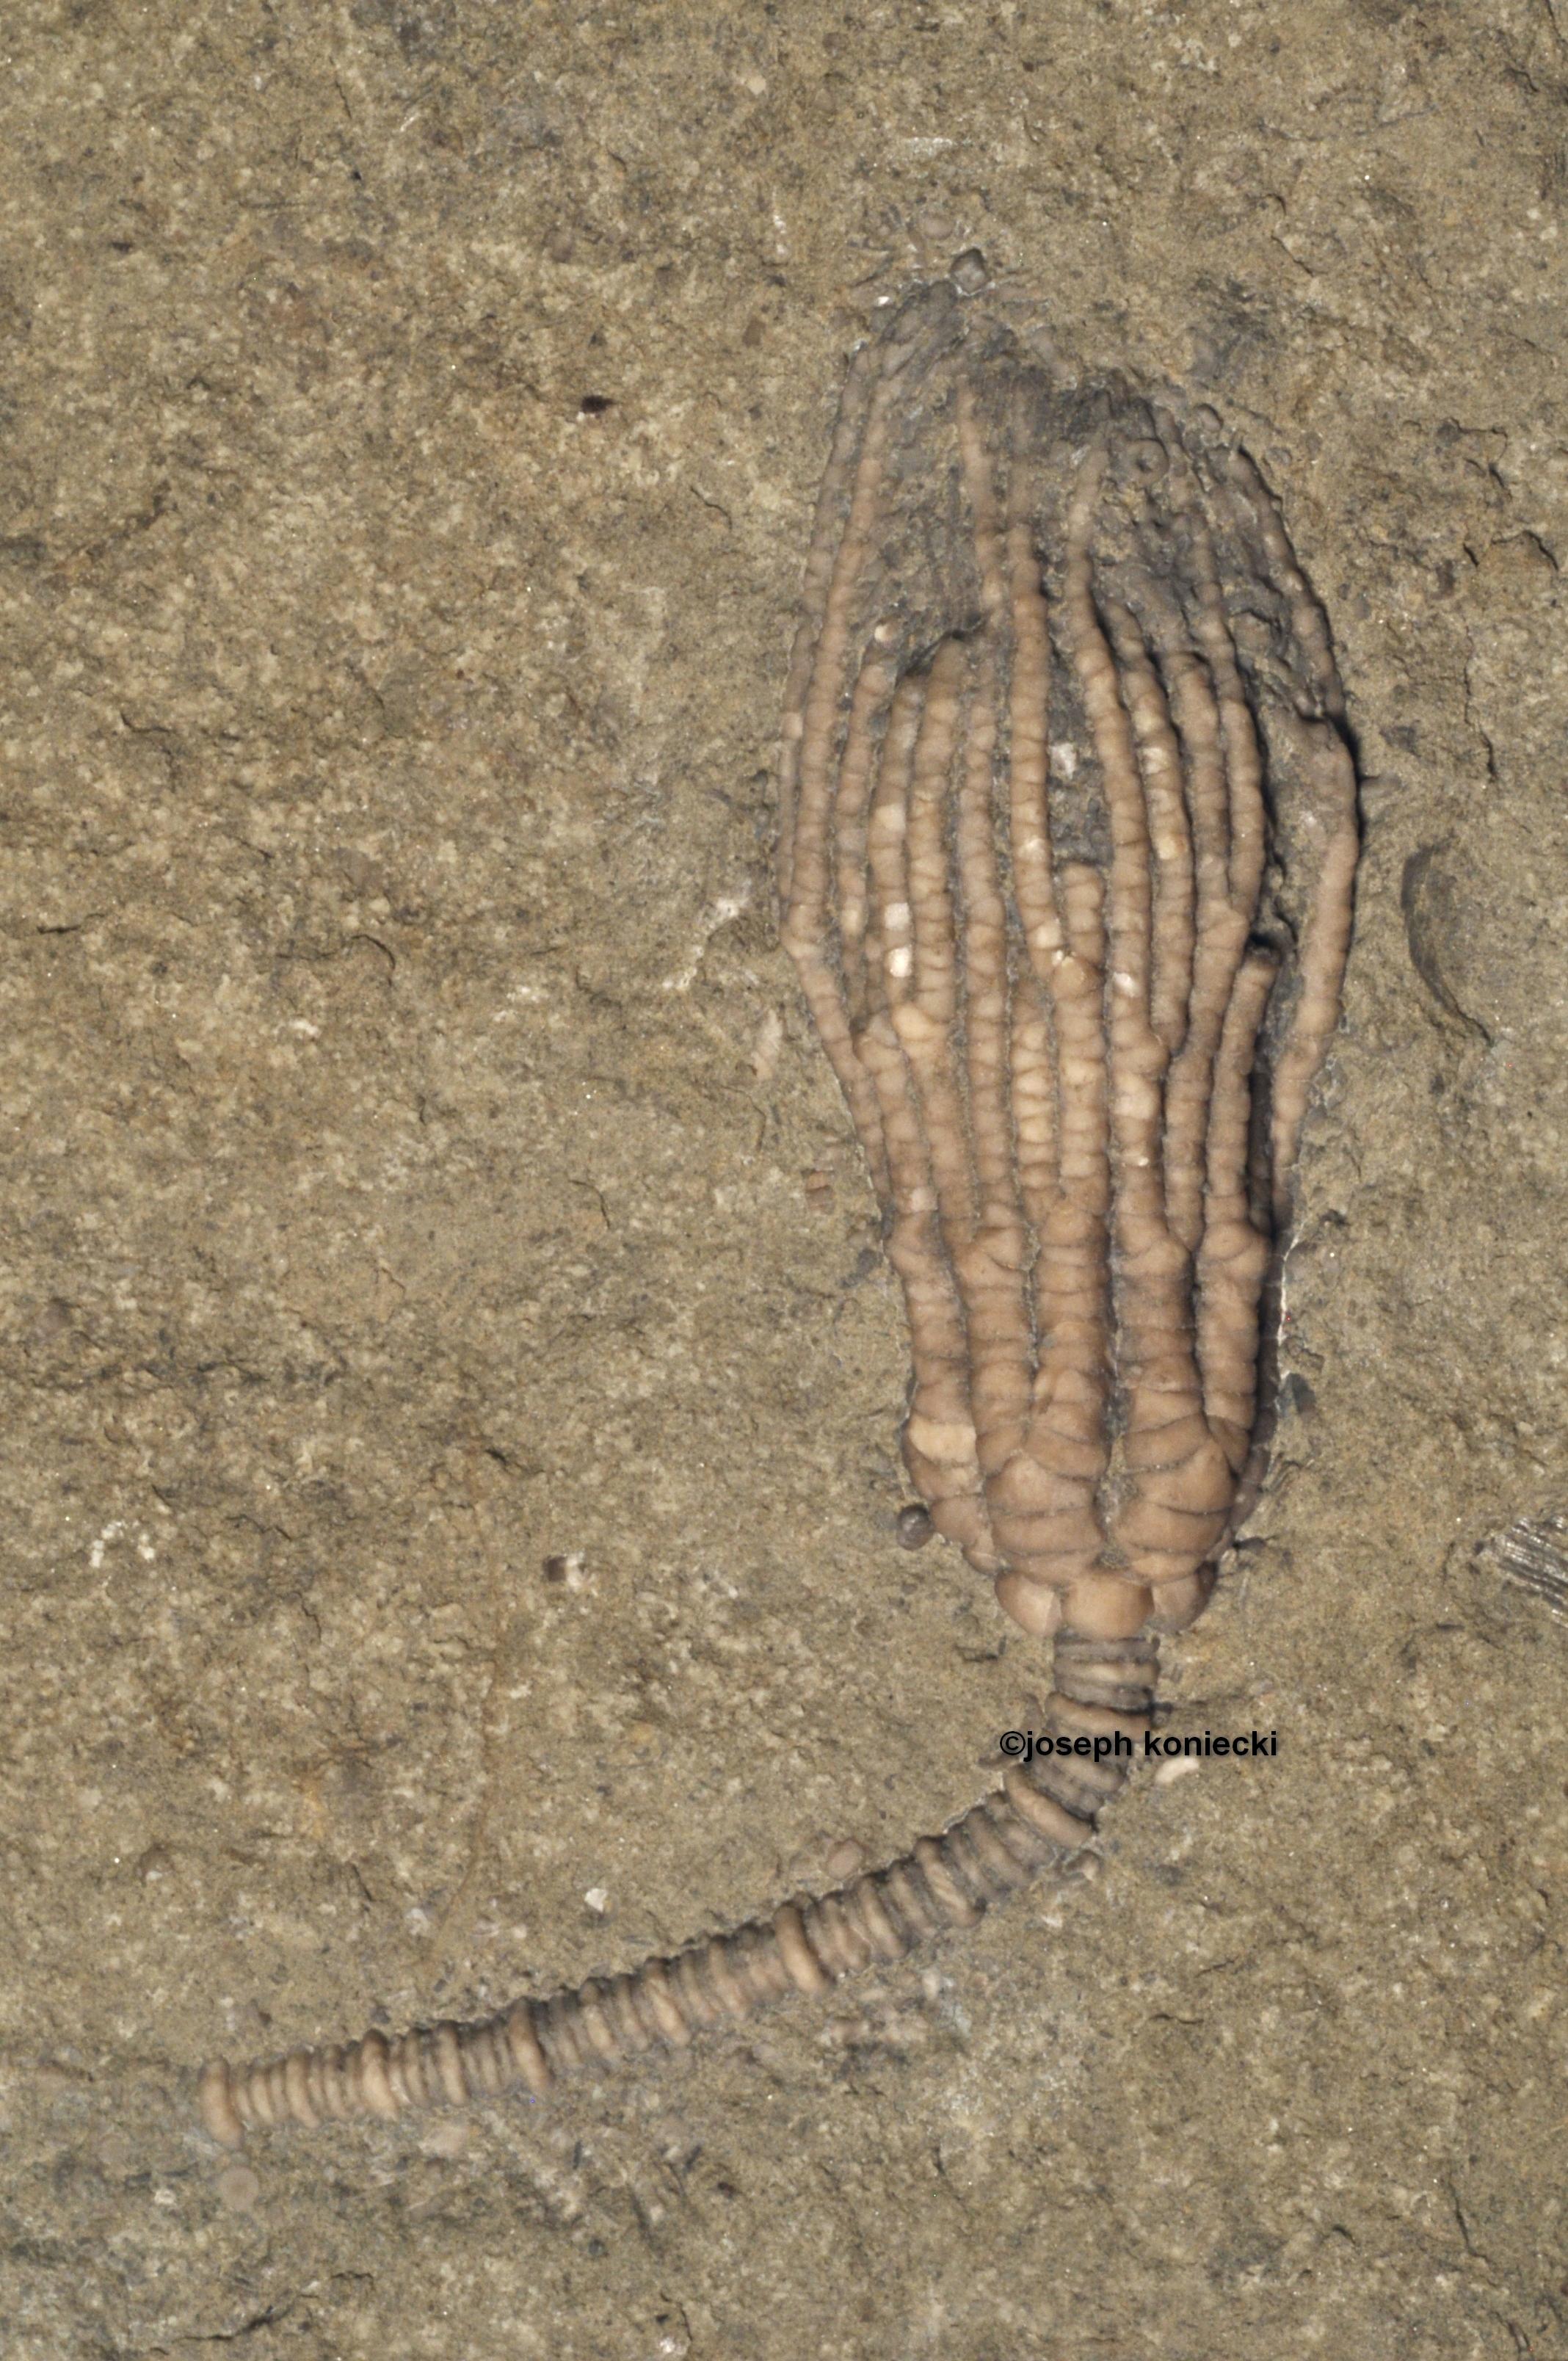 Hylodecrinus